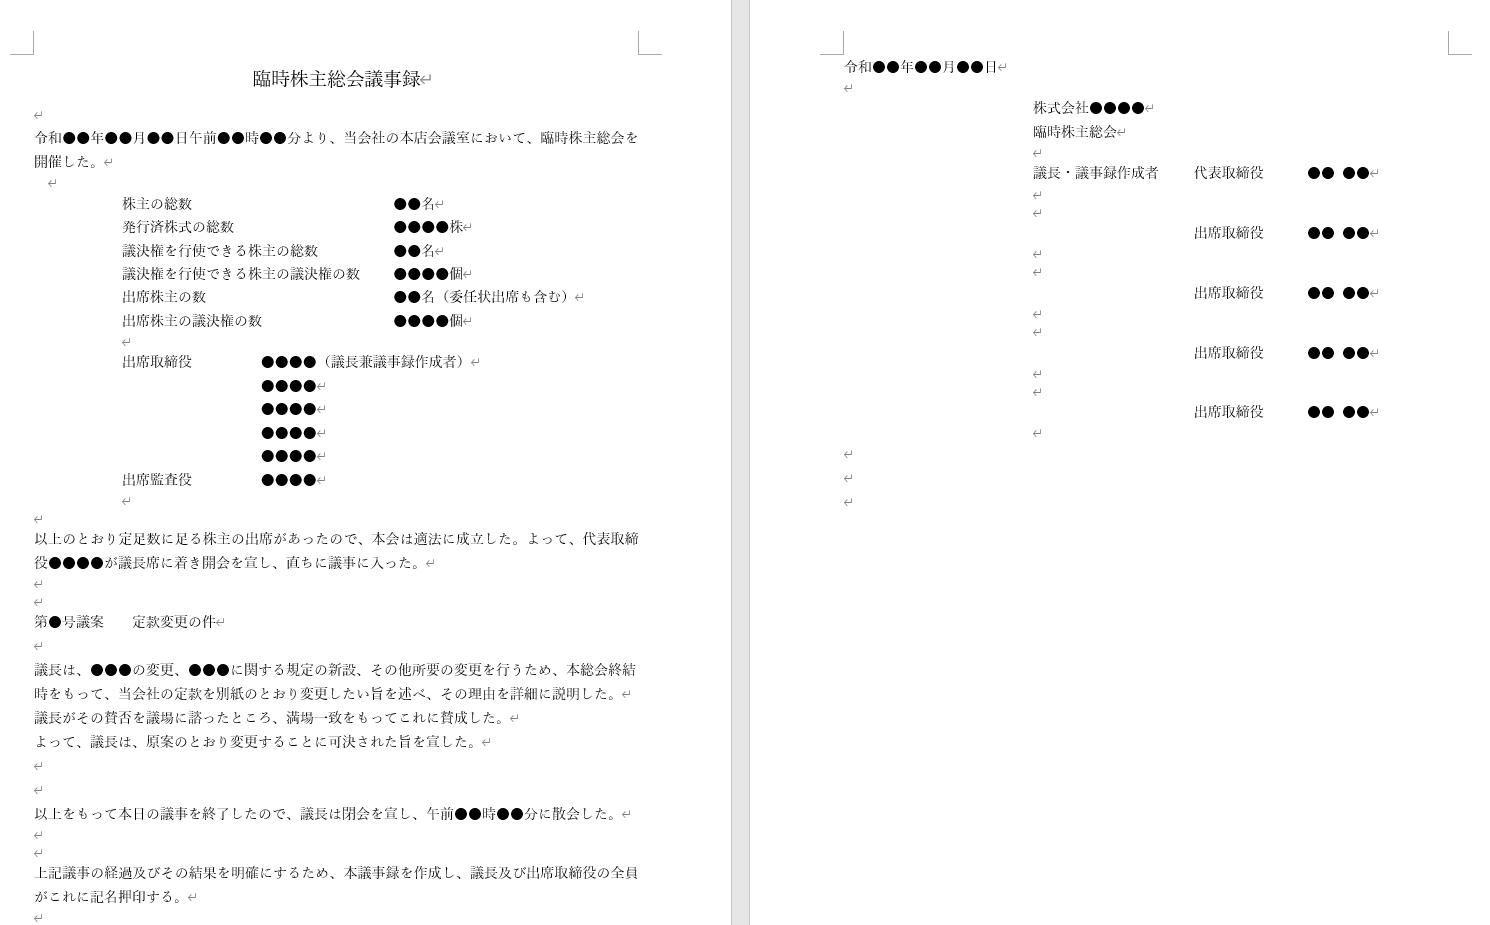 臨時株主総会議事録(定款変更).png